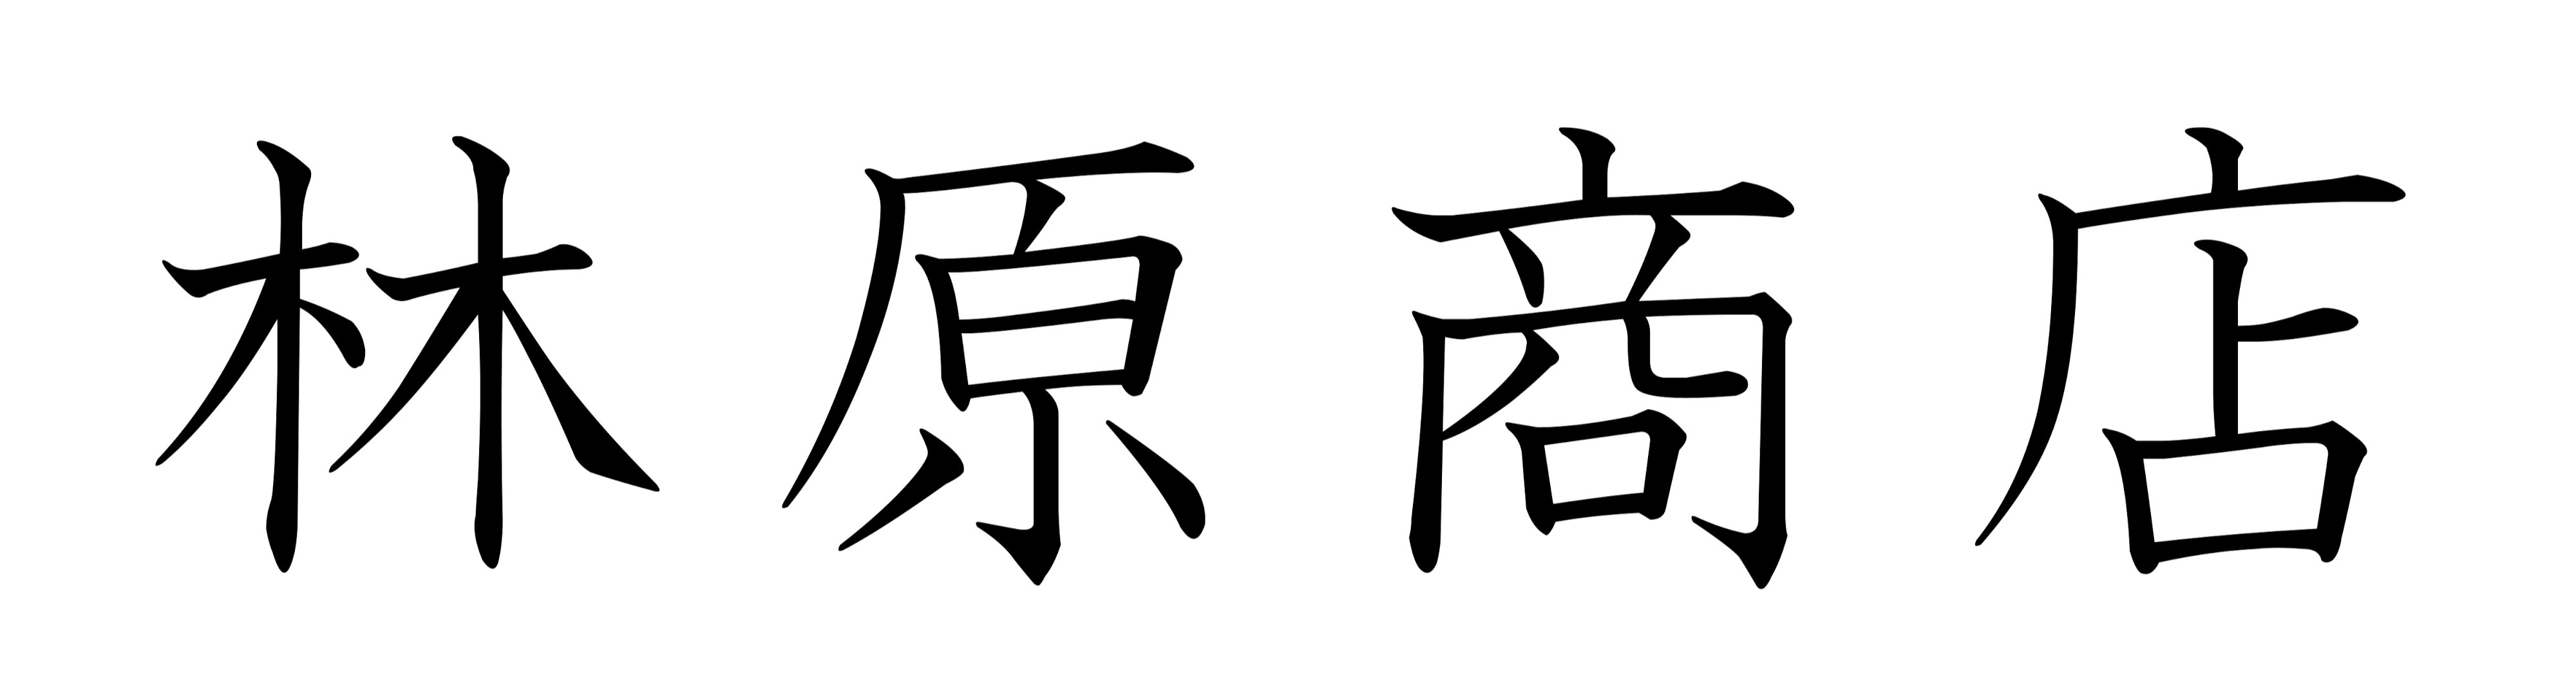 林原りかのブログ「林原商店」